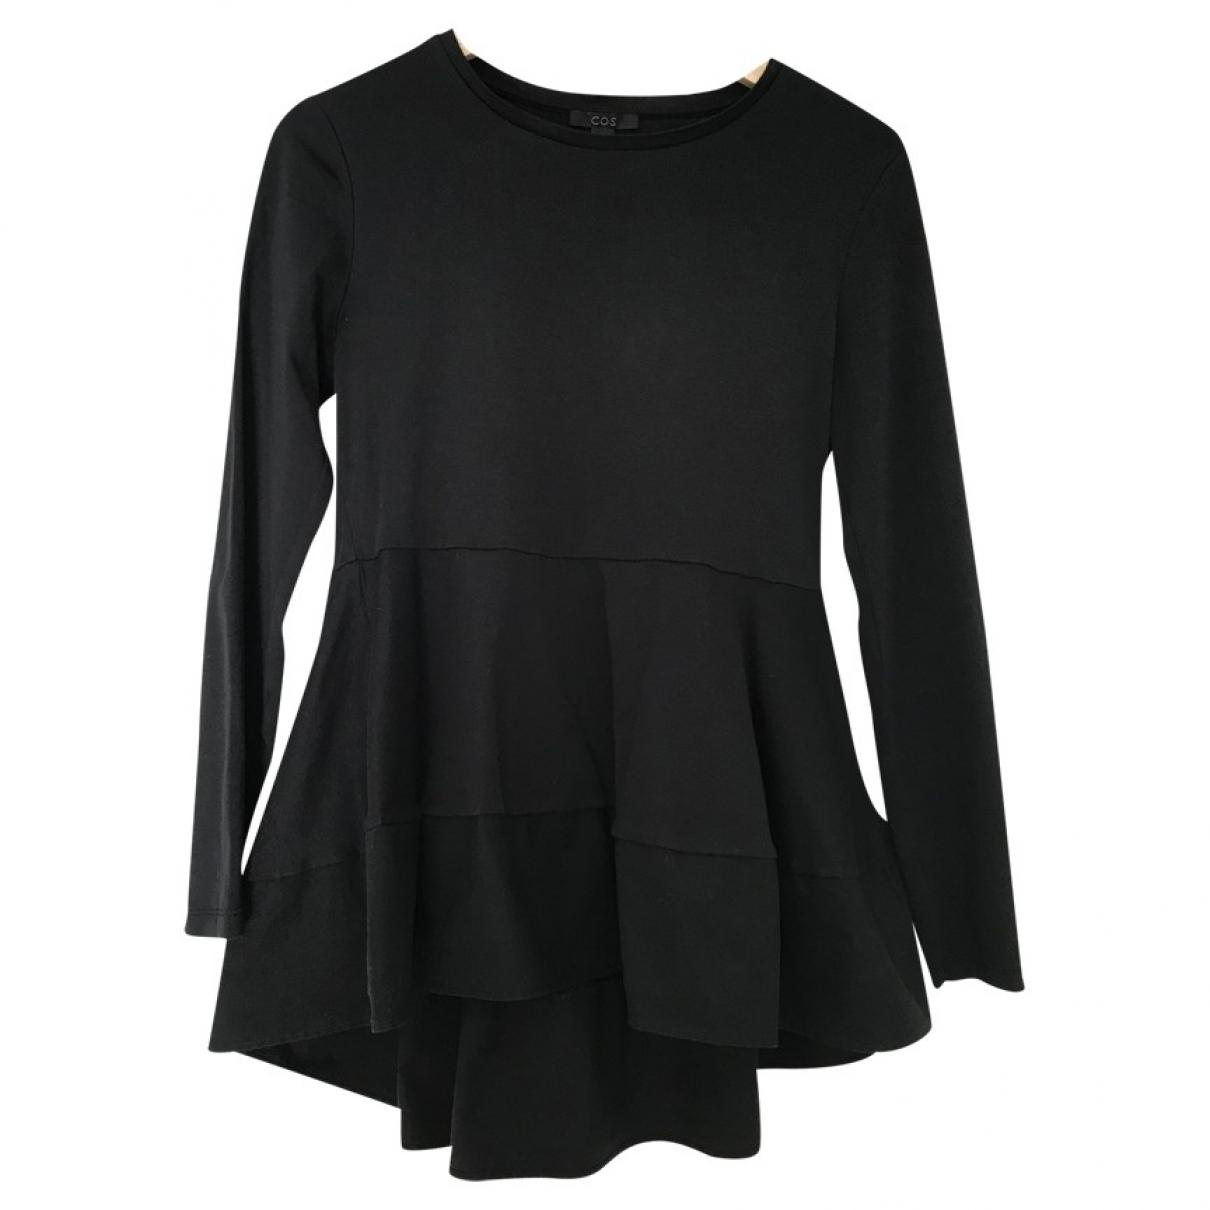 Cos - Top   pour femme en coton - noir